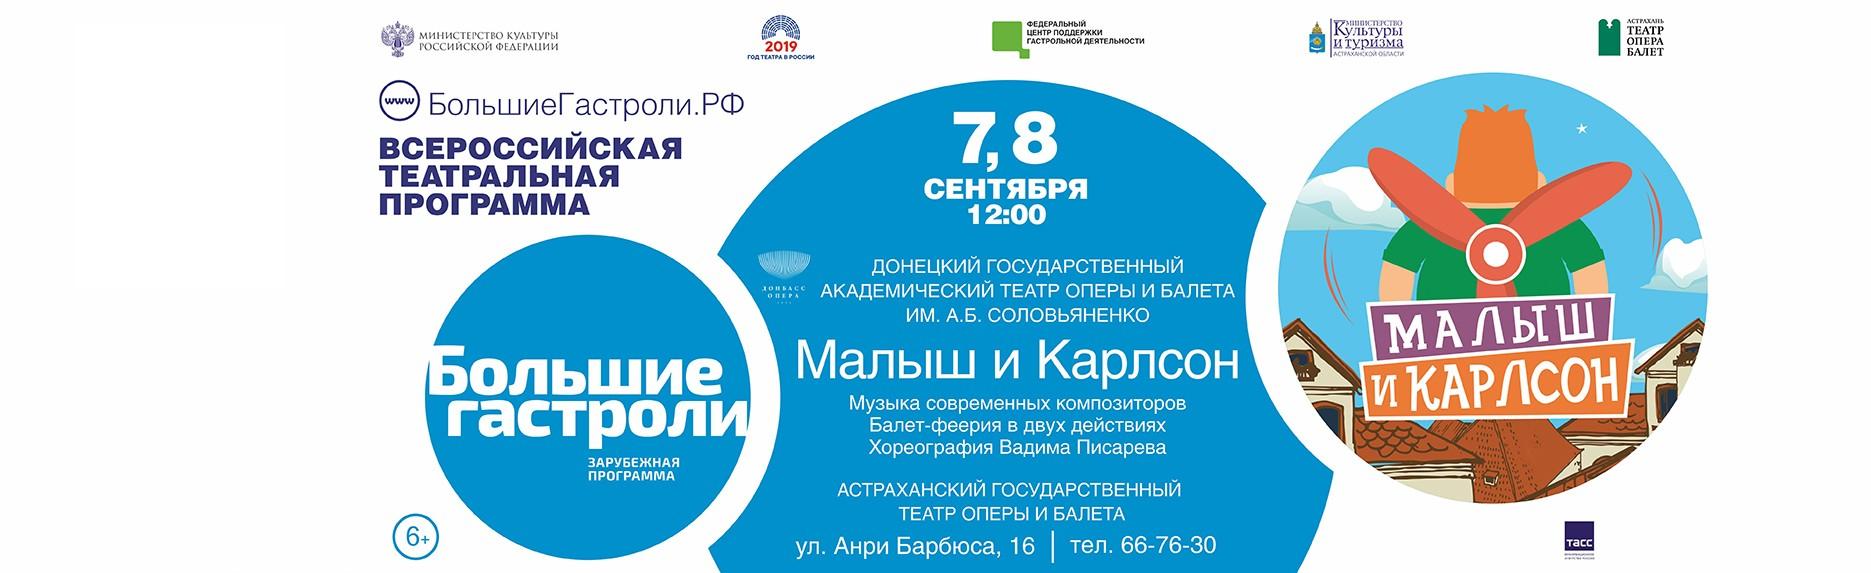 """Балет-феерия """"Малыш и Карлсон"""". Театр """"Донбасс опера""""."""